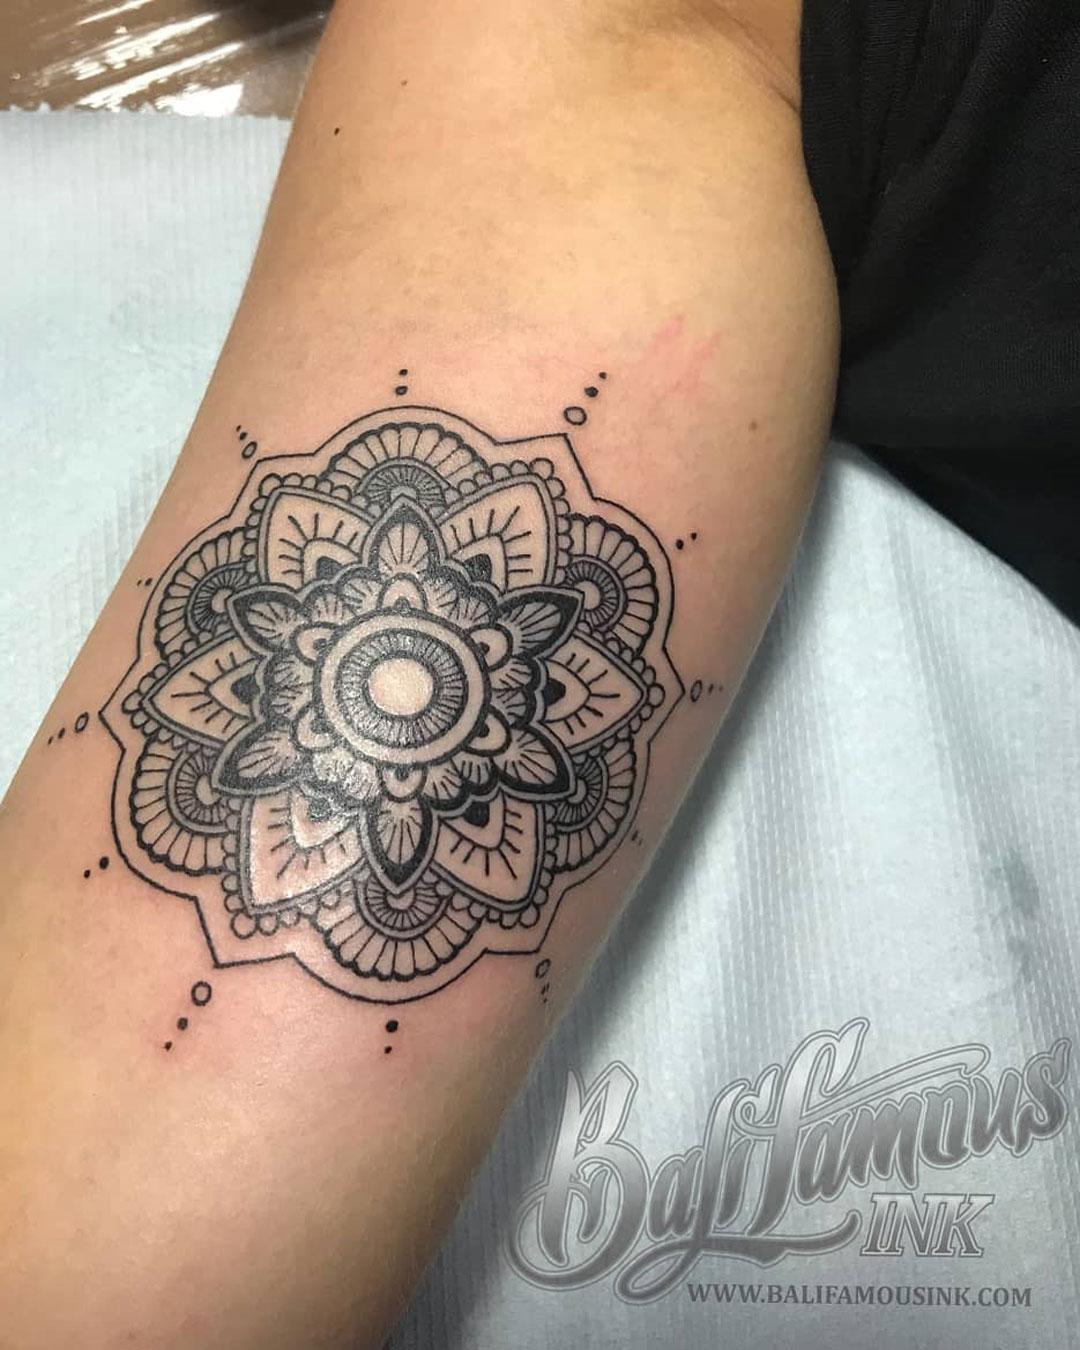 Bali-Famous-Ink-Tattoo-Bali-mandala-tattoo-3